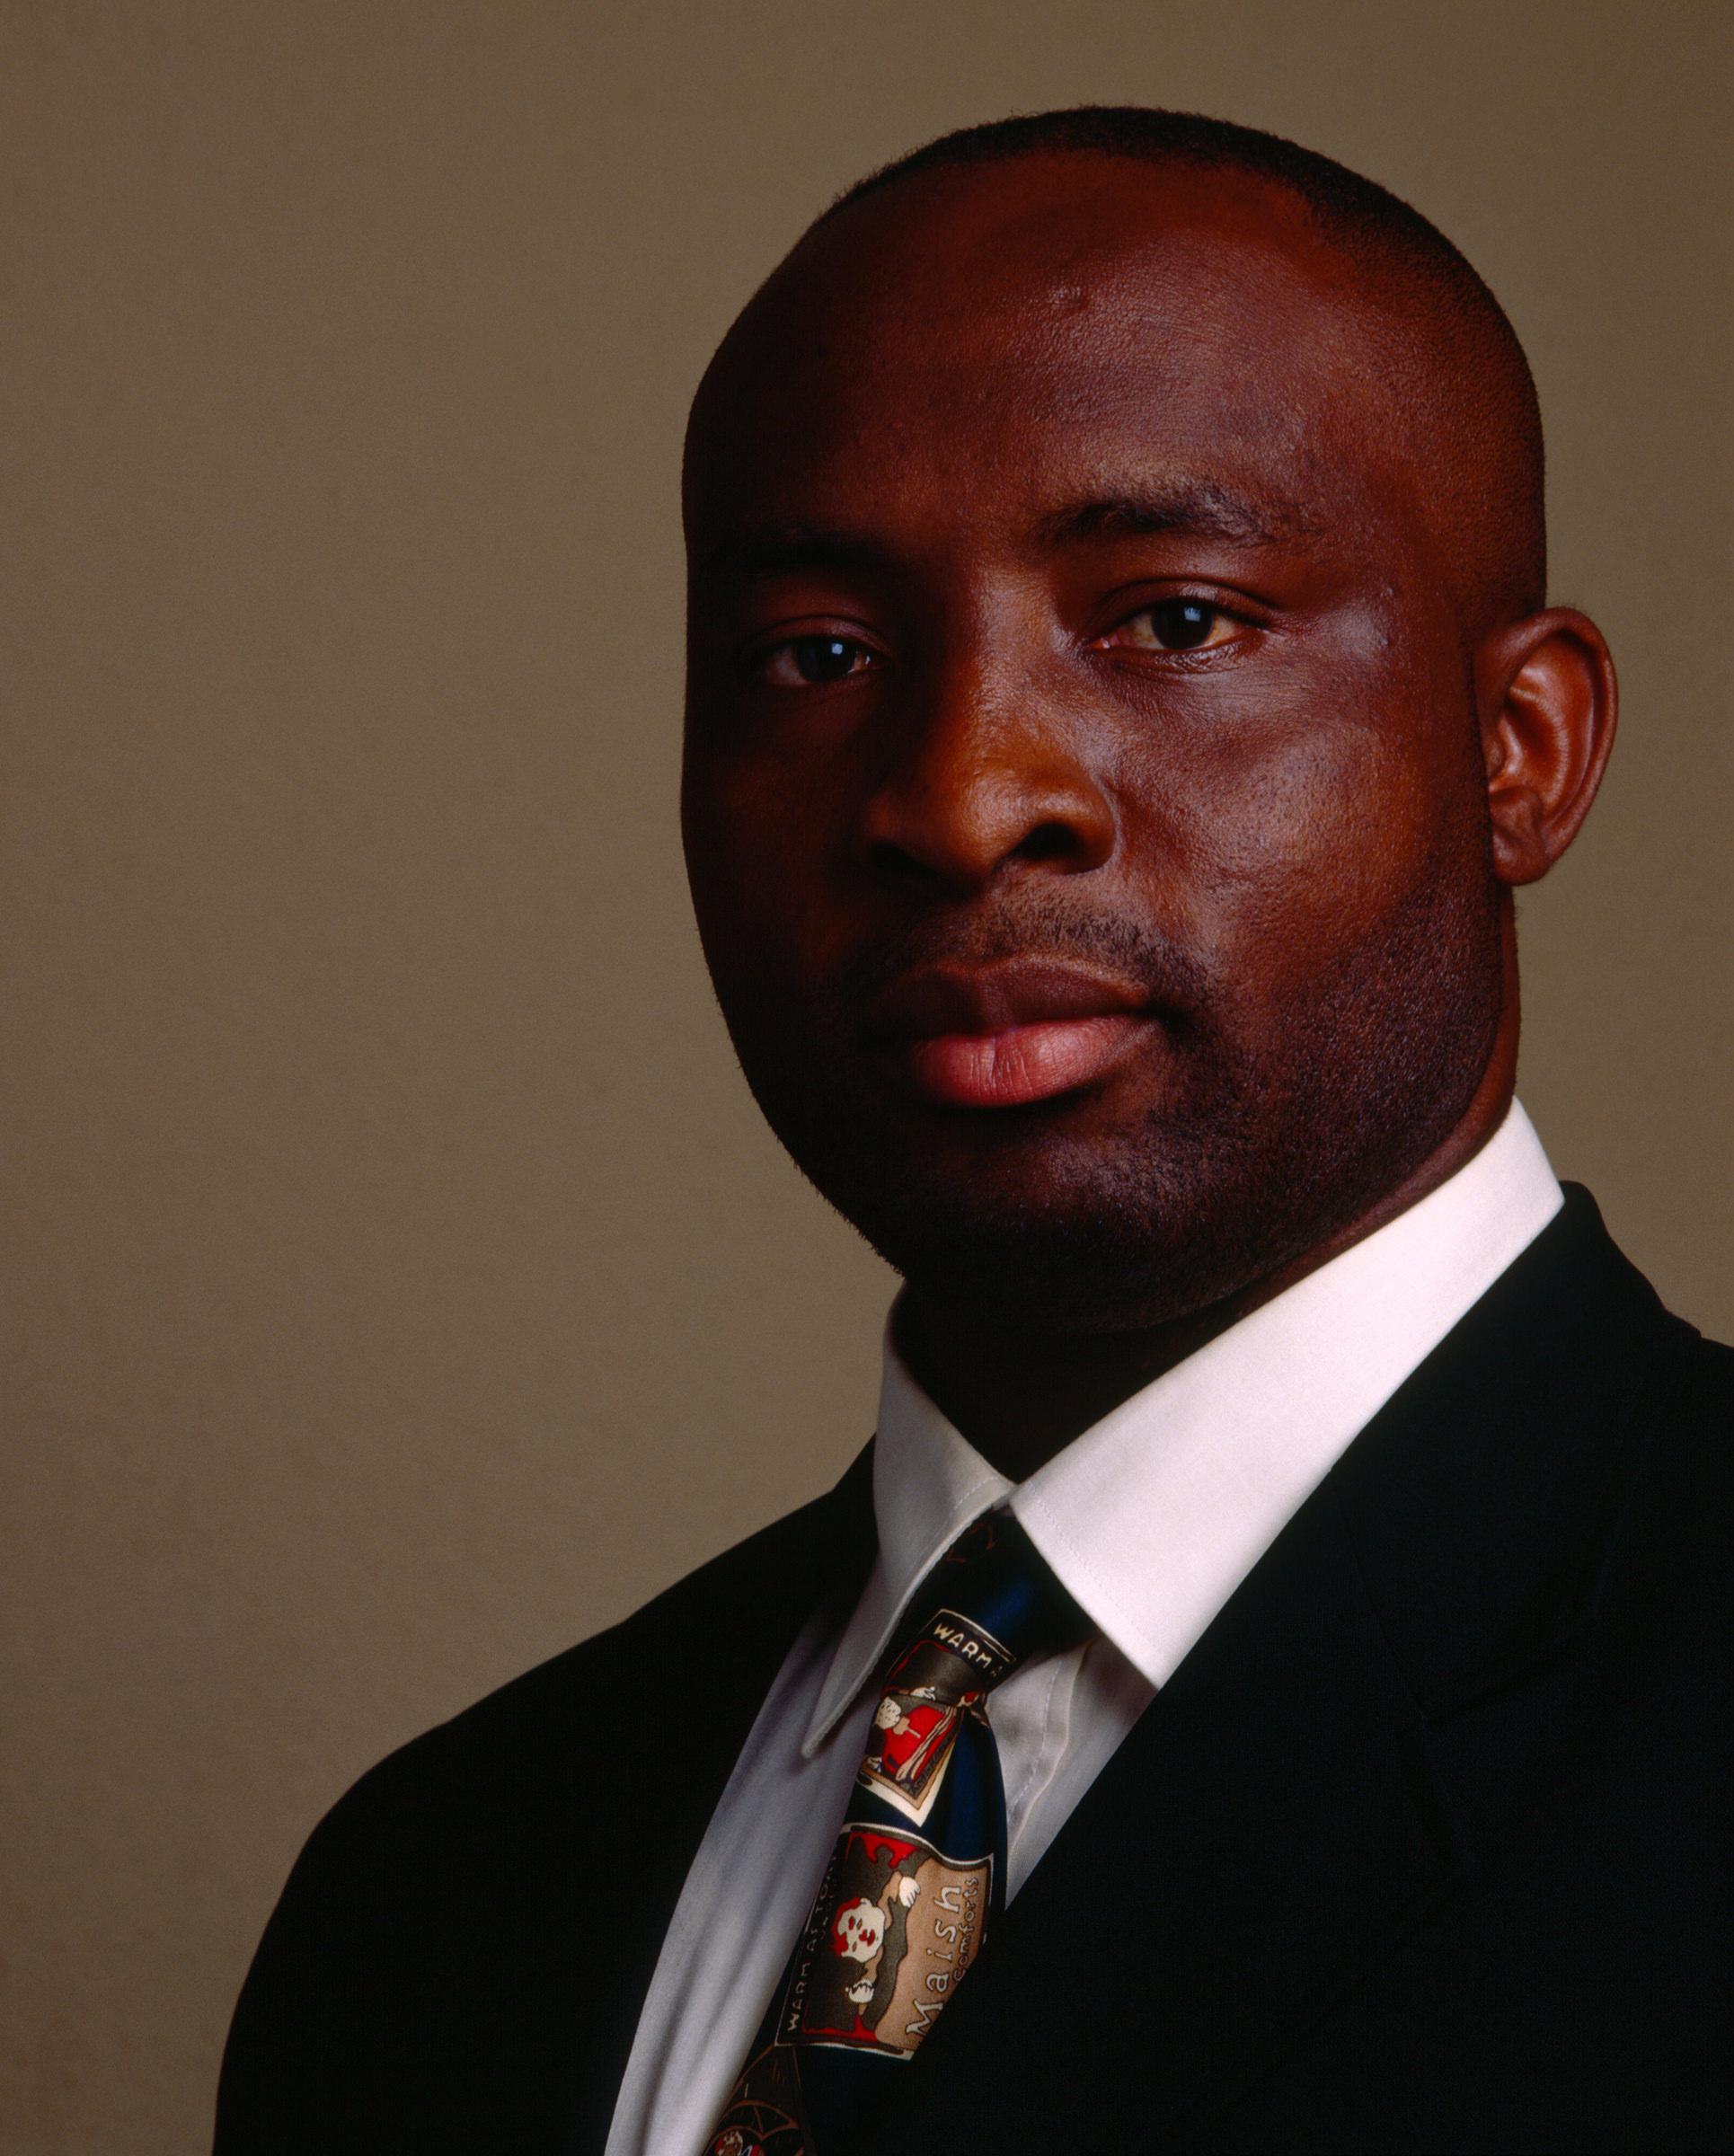 Paul - Nigeria